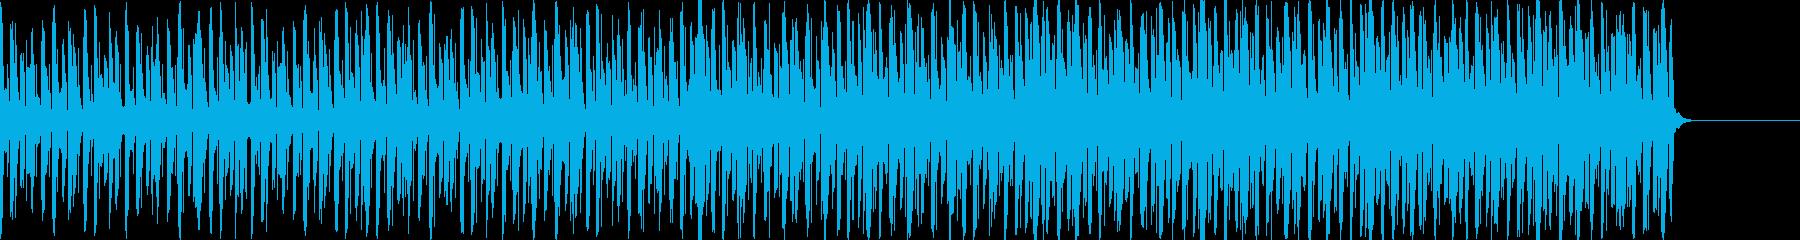 初夏のサンセットミドルテンポEDMの再生済みの波形